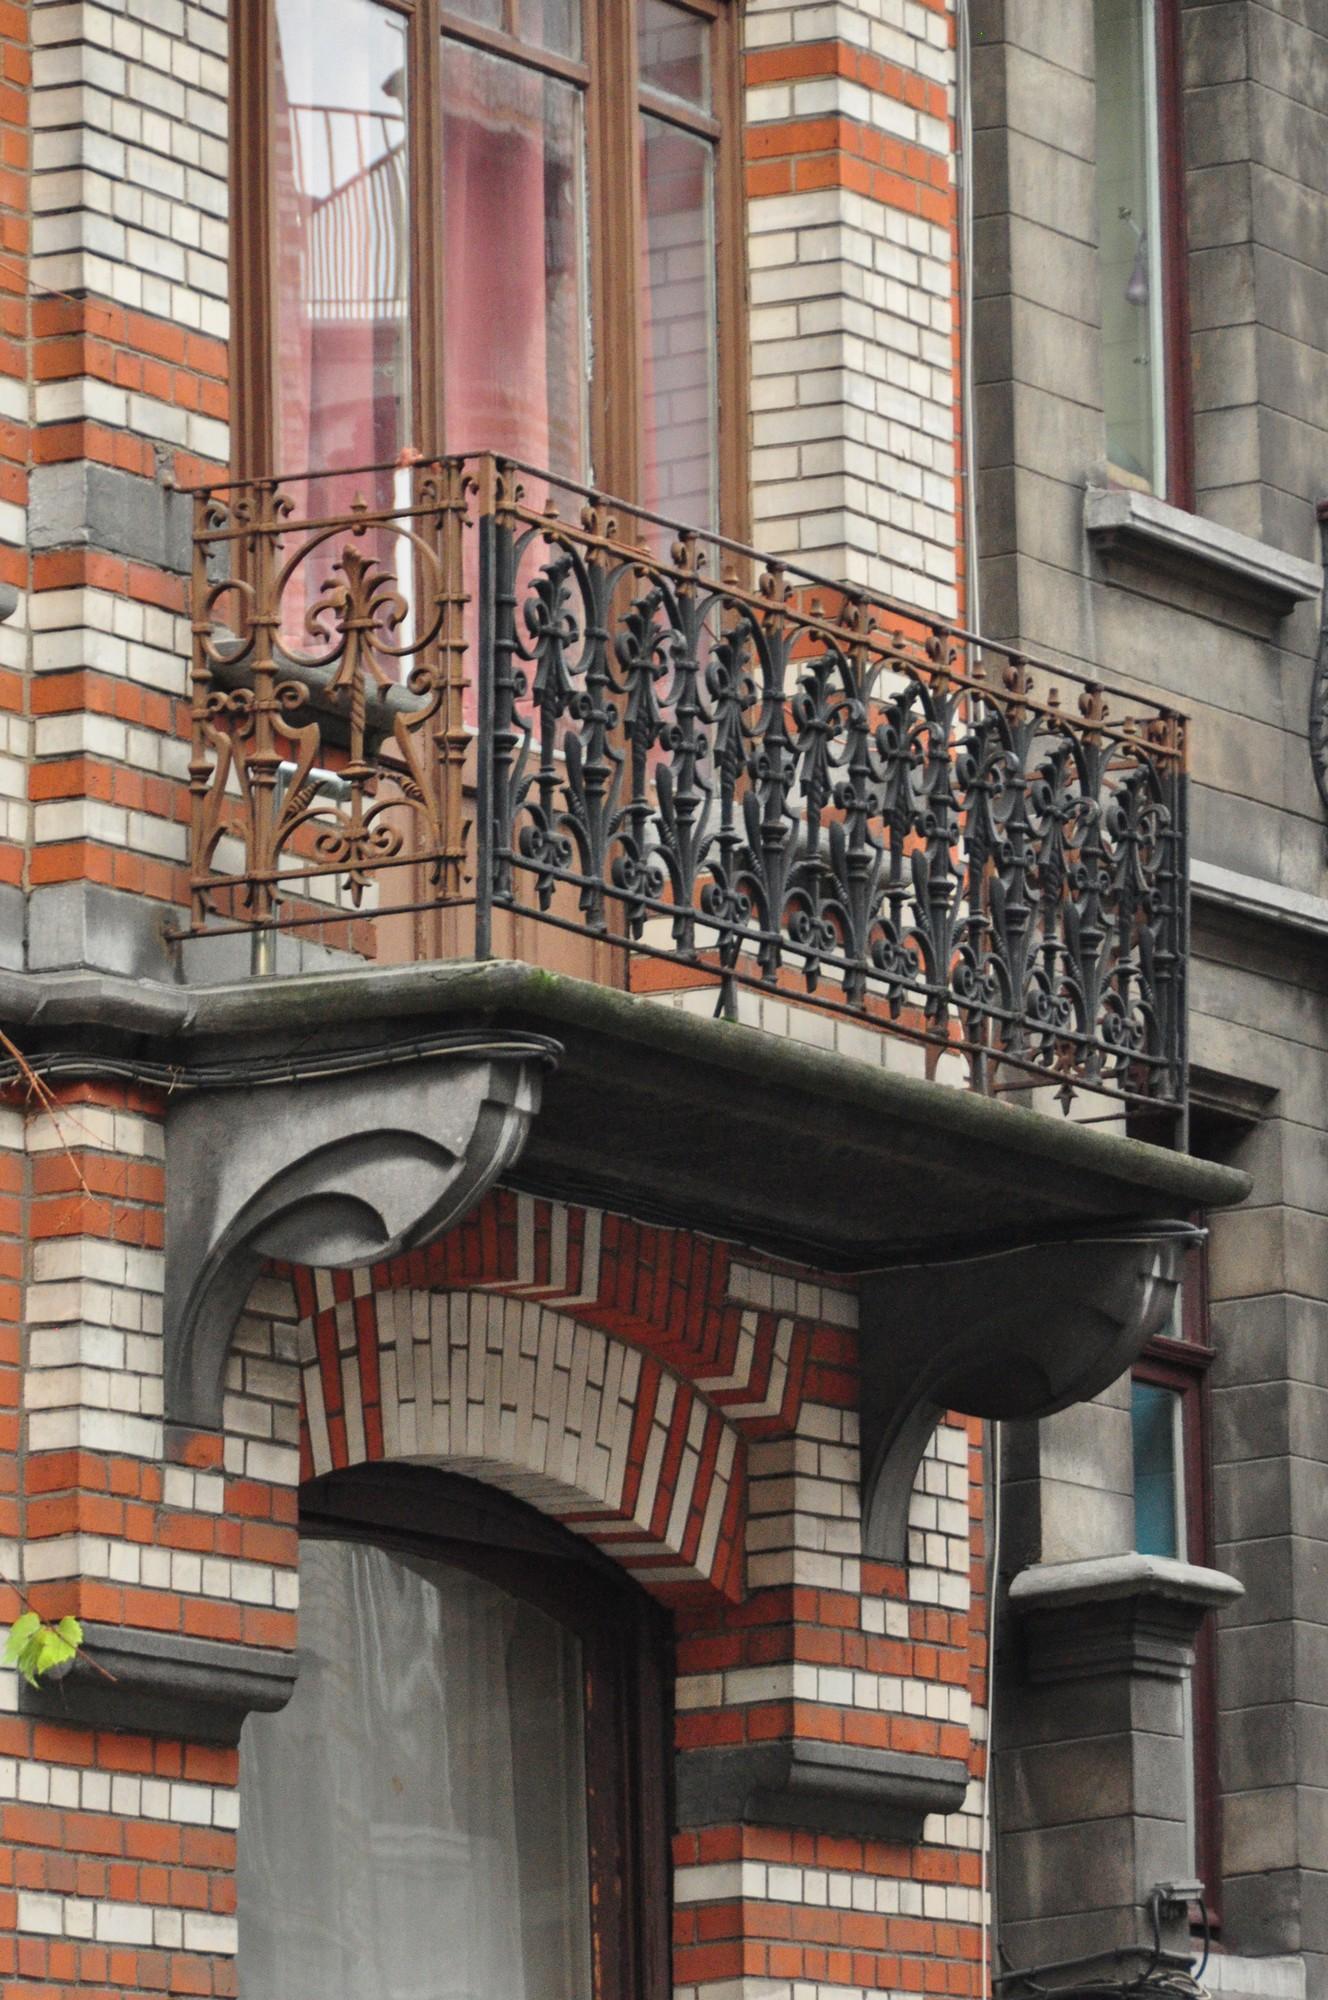 Rue josaphat 269 schaerbeek bruxelles ville d 39 architectes for Architecte bruxelles